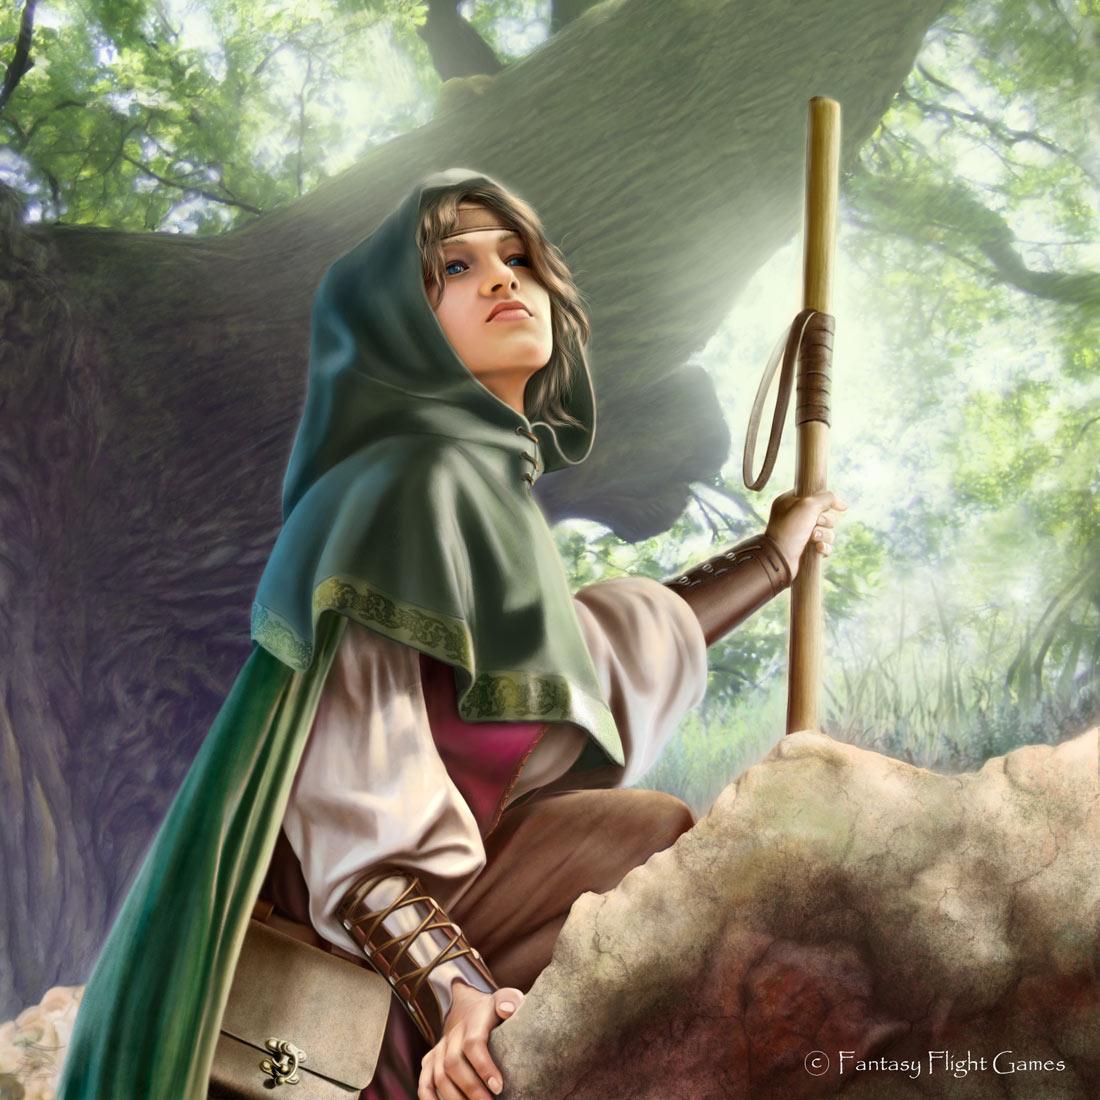 Lord of the Rings: Beravor by Thaldir